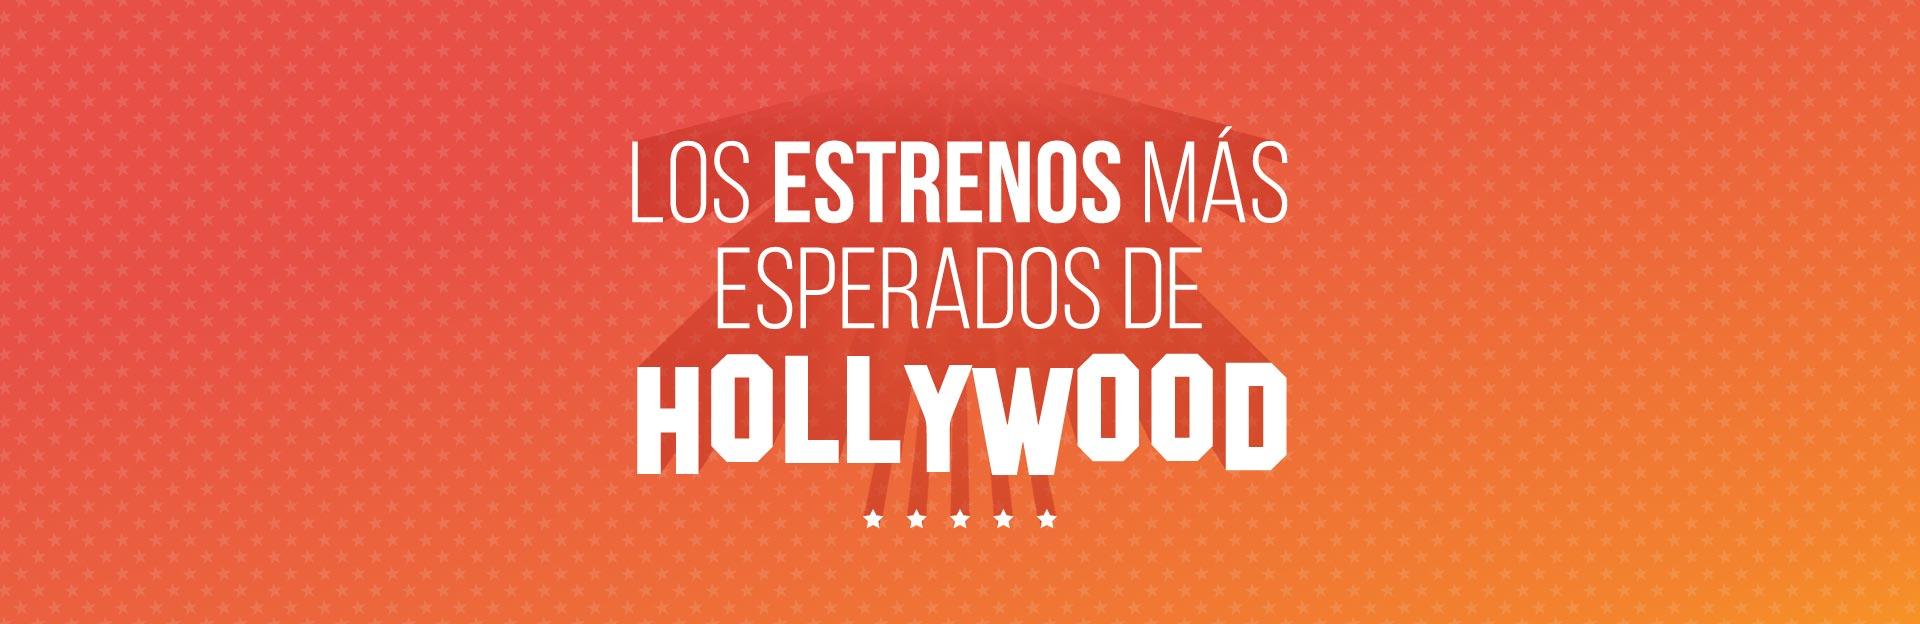 Los estrenos más esperados de Hollywood